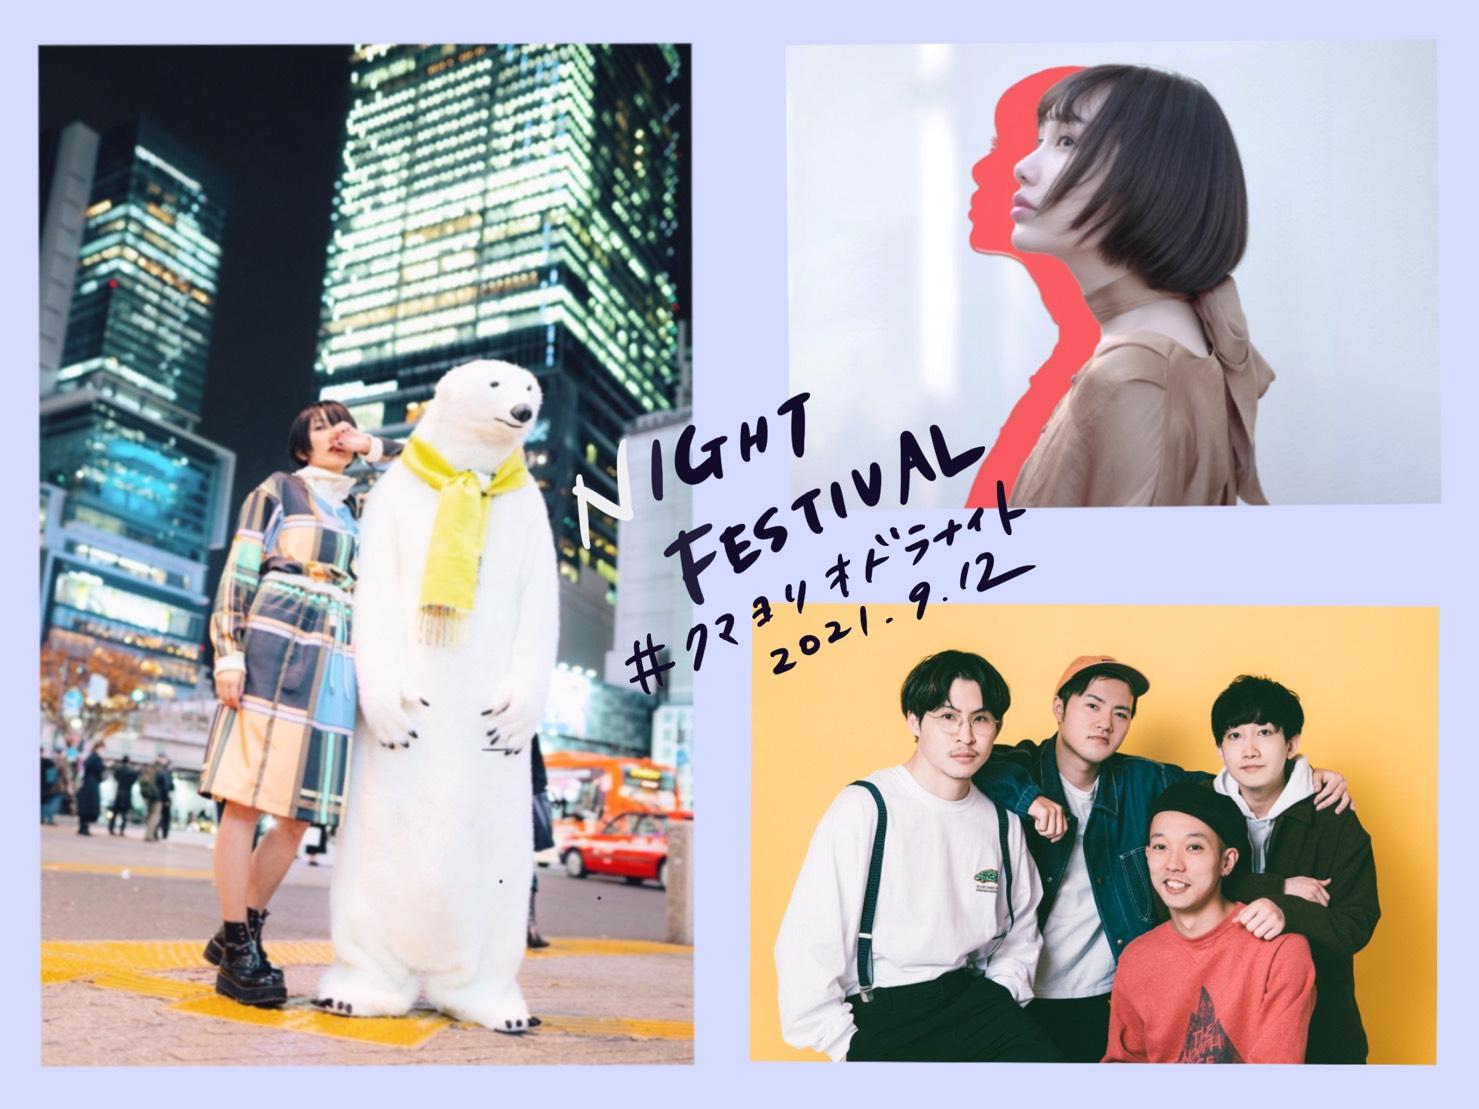 ハリィさんとスイカくらぶ presents 『NIGHT FESTIVAL〜クマヨリオドラナイト〜』